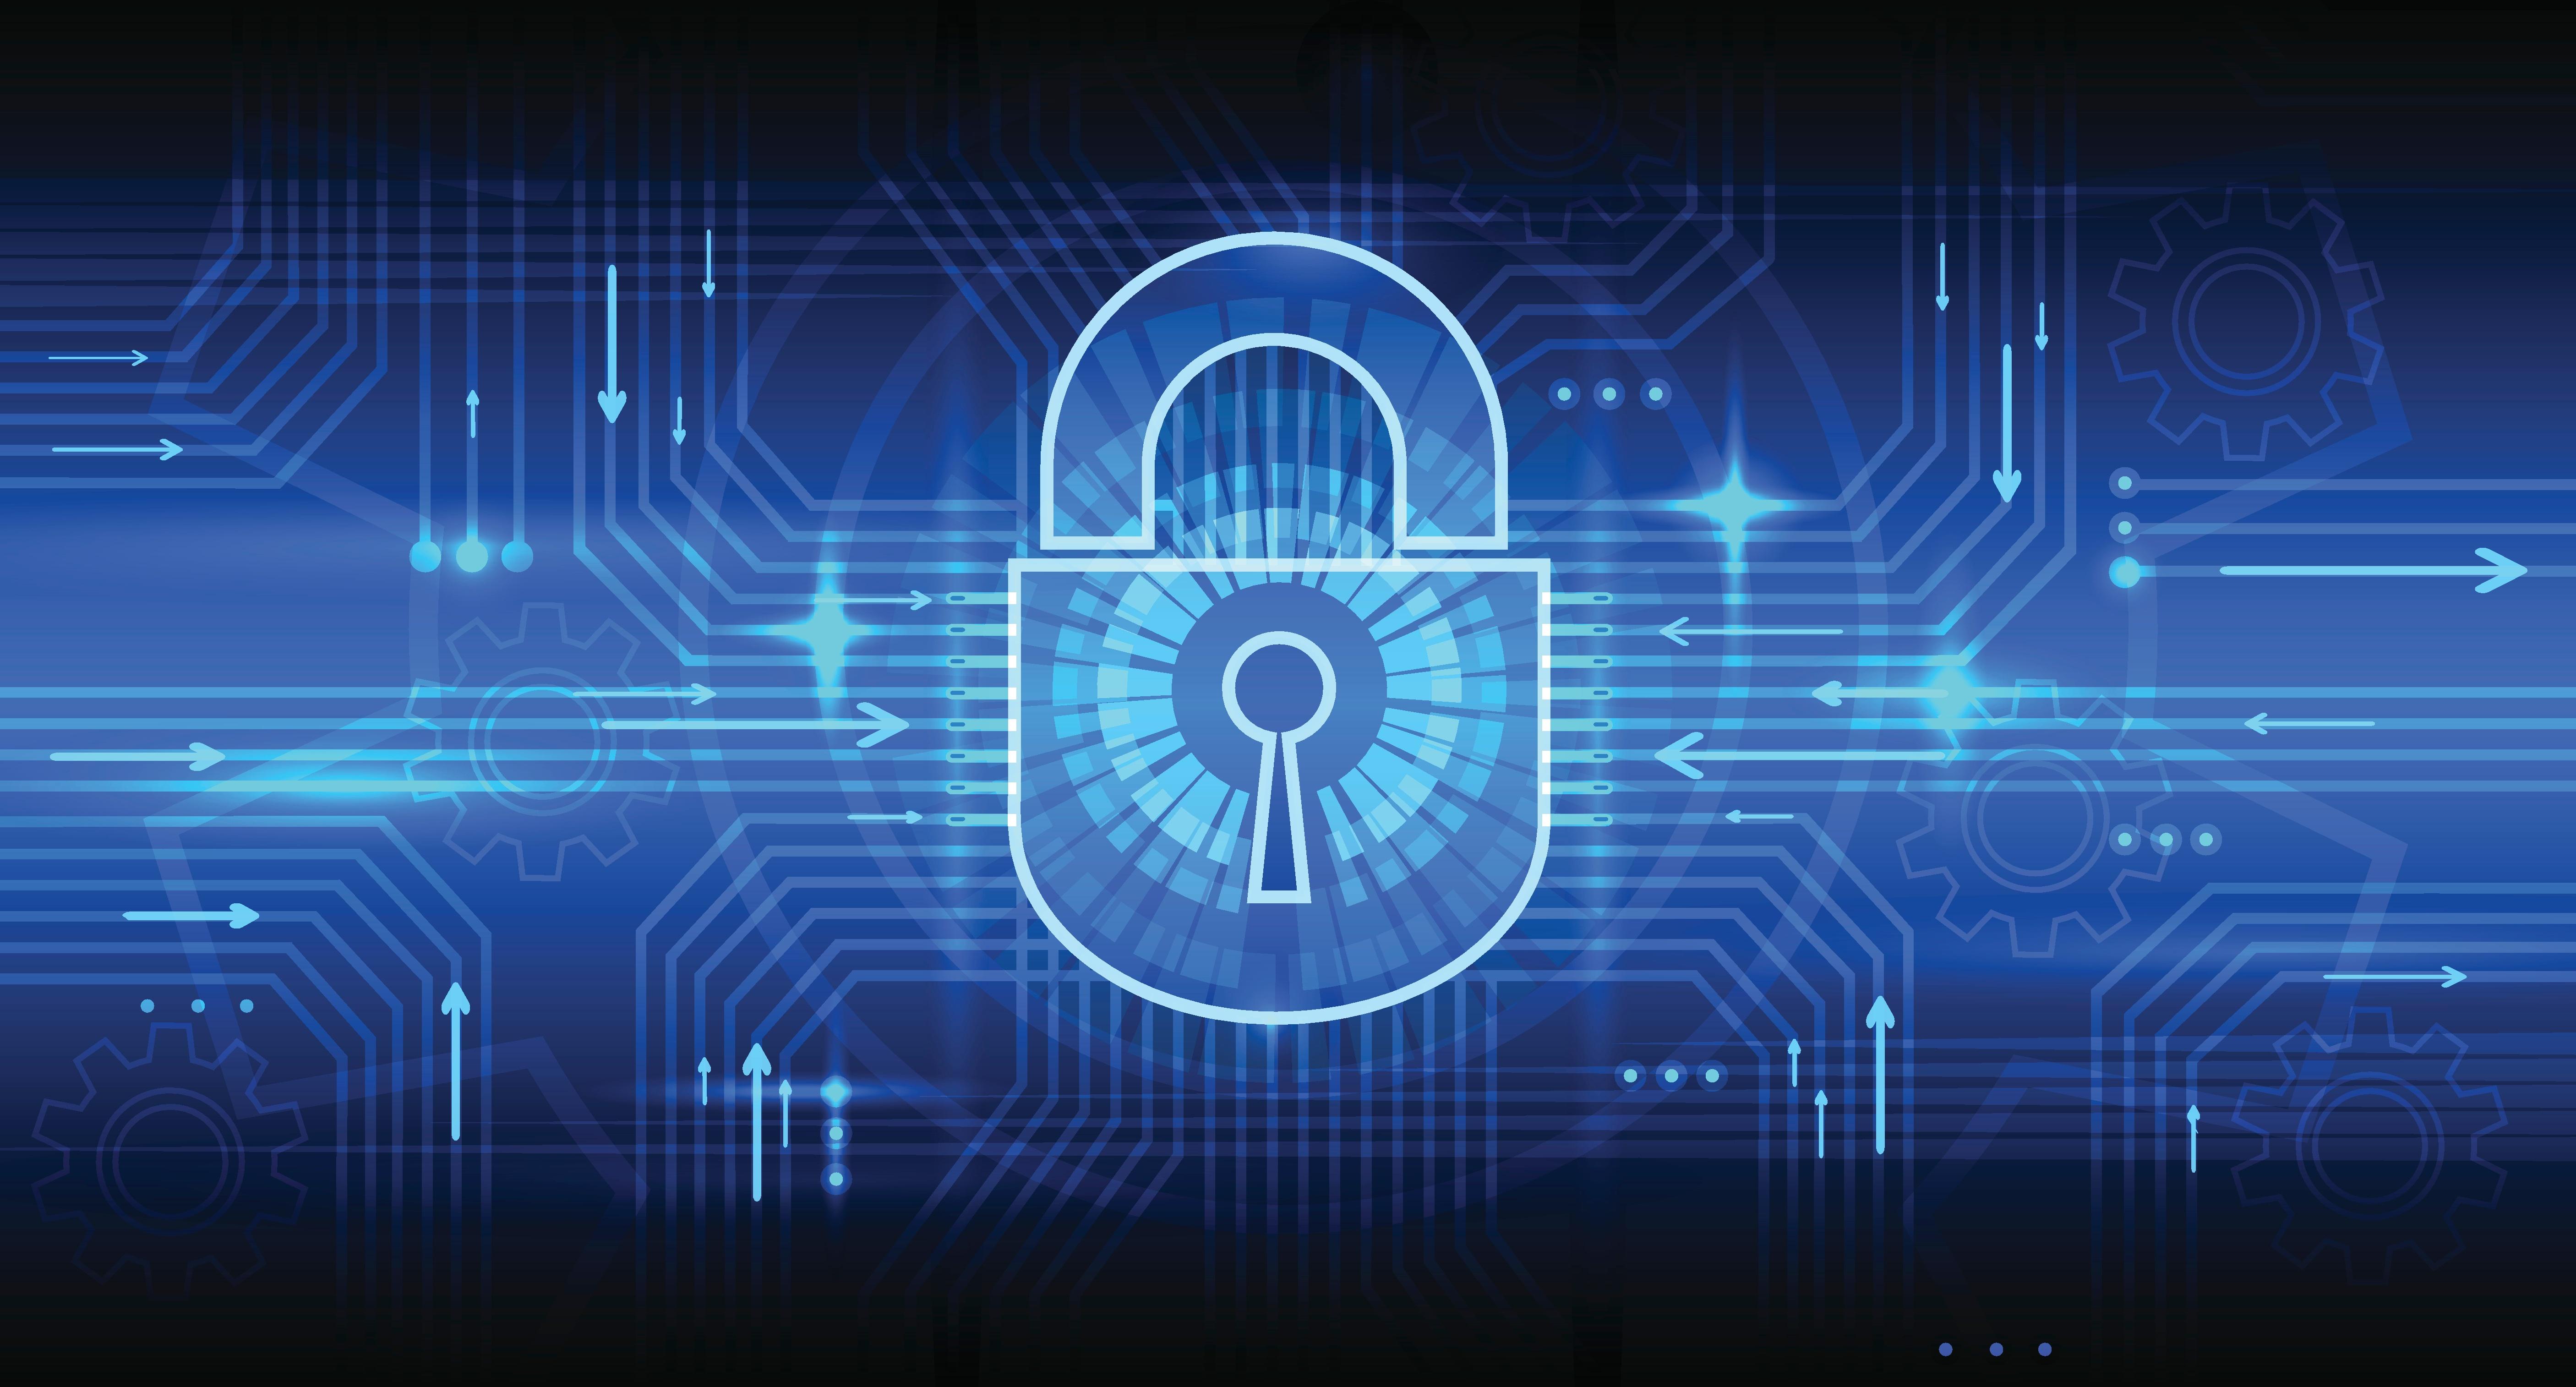 Um guia para iniciantes ao SSL: o que é e por que ele torna seu site mais seguro